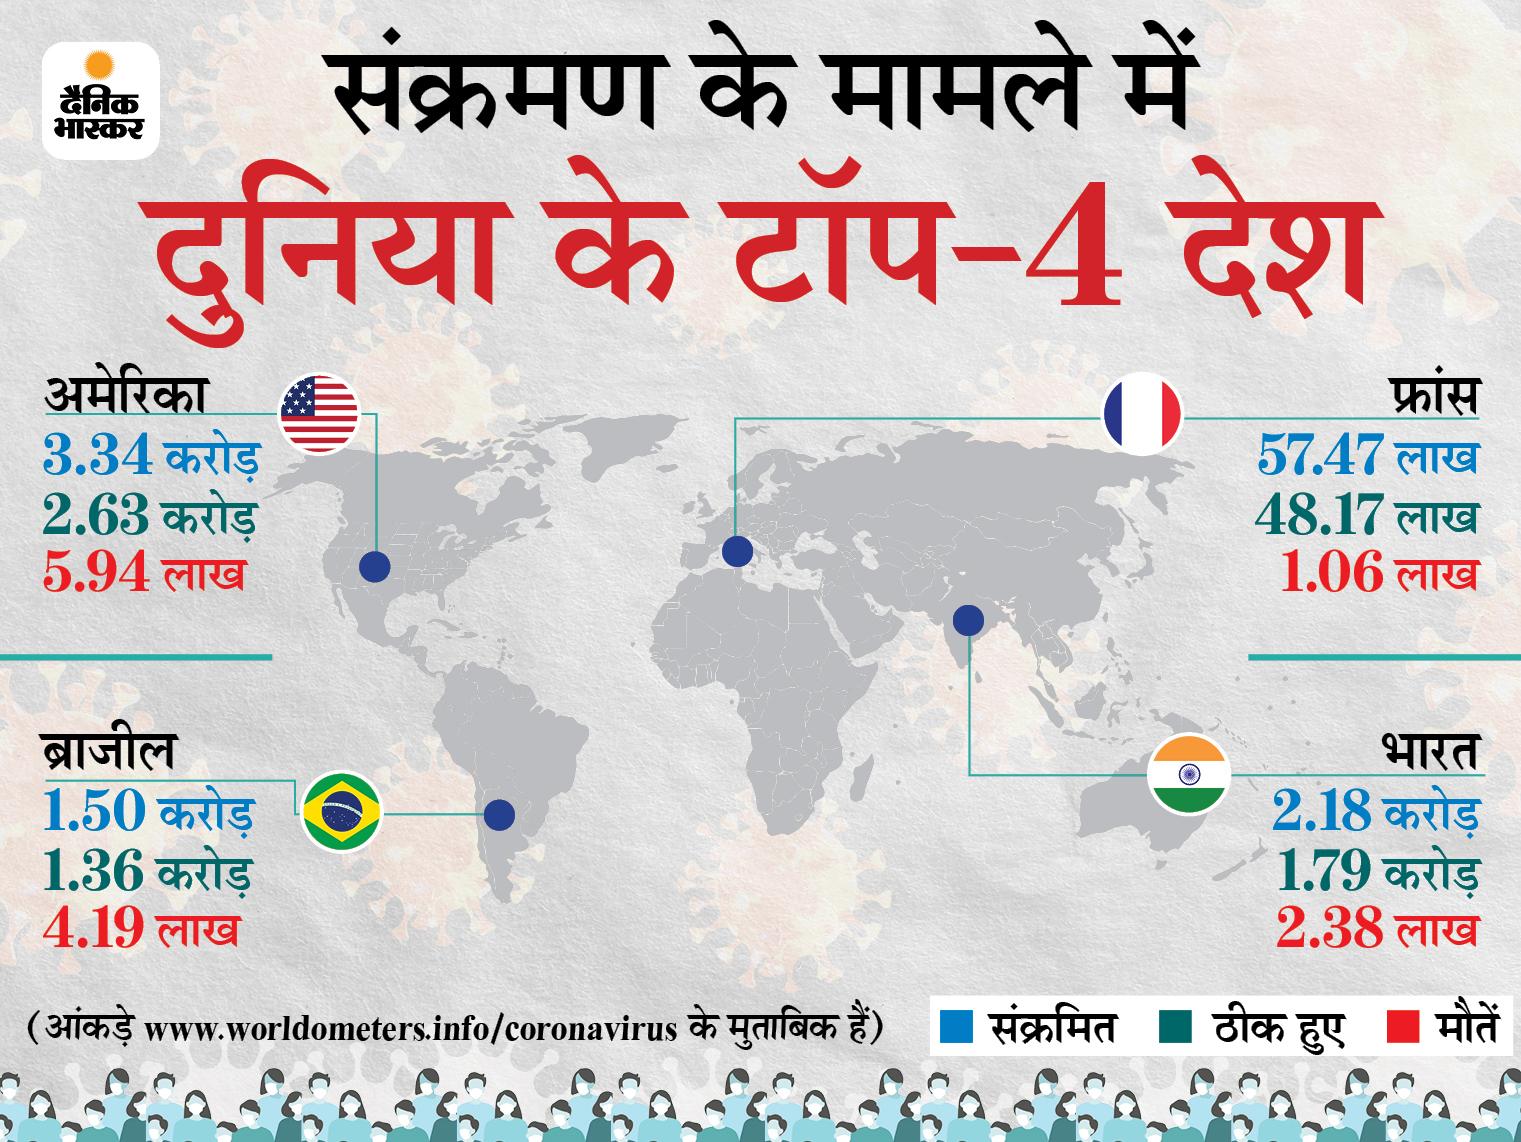 इस हफ्ते बड़े देशो में सिर्फ भारत में केस बढ़े, मरीजों की संख्या में 7% इजाफा; नेपाल में सबसे ज्यादा 90% बढ़ोतरी विदेश,International - Dainik Bhaskar